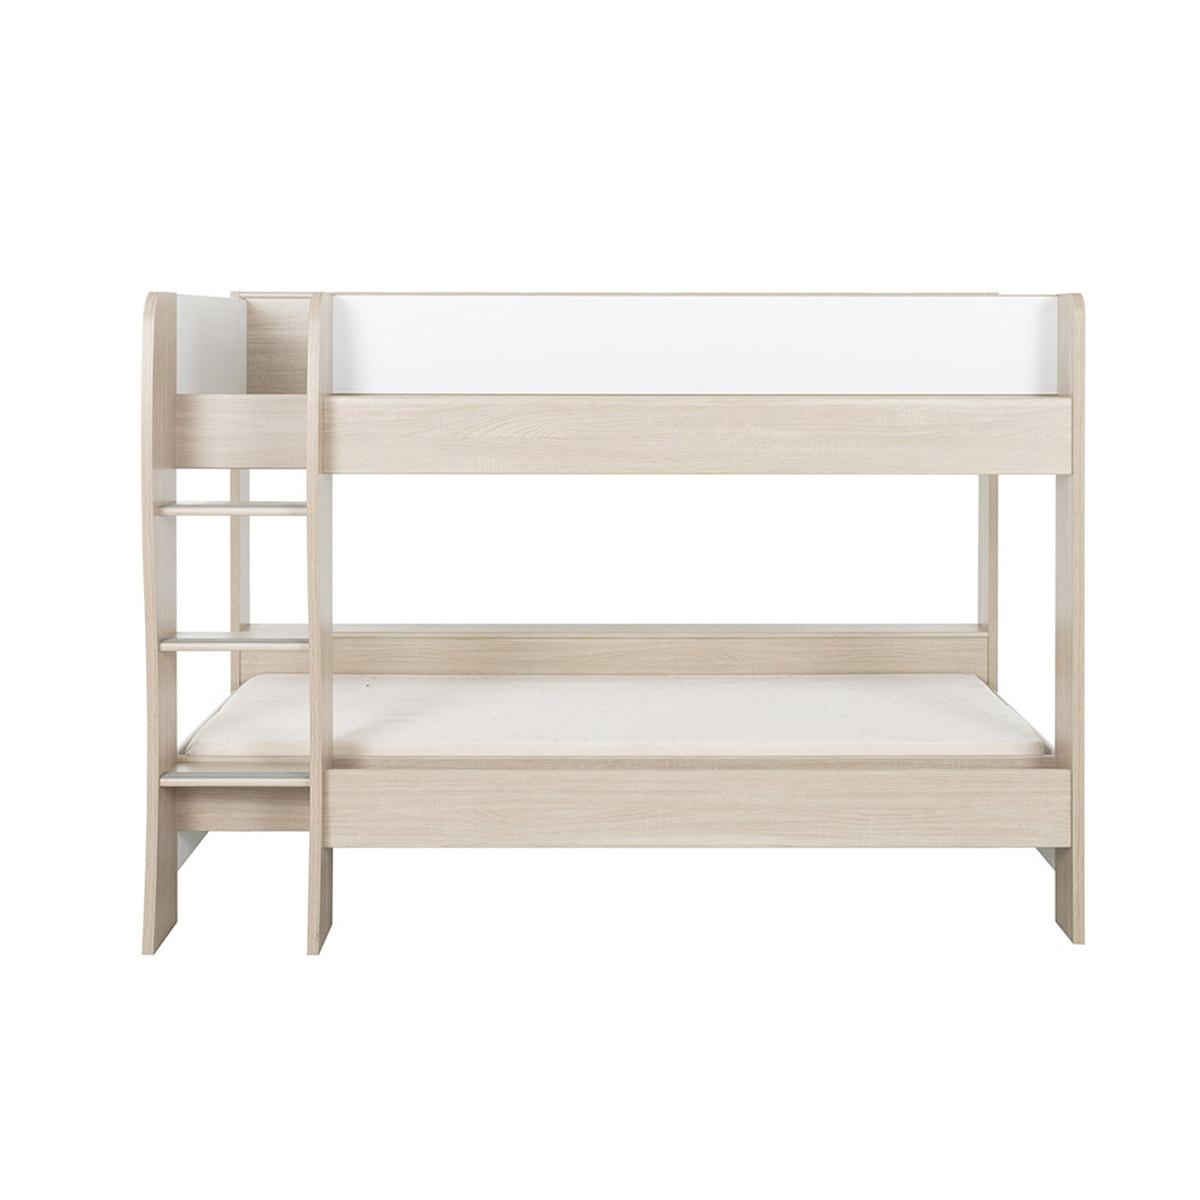 Lit superposé Panneaux de bois 90x200 Blanc, bois